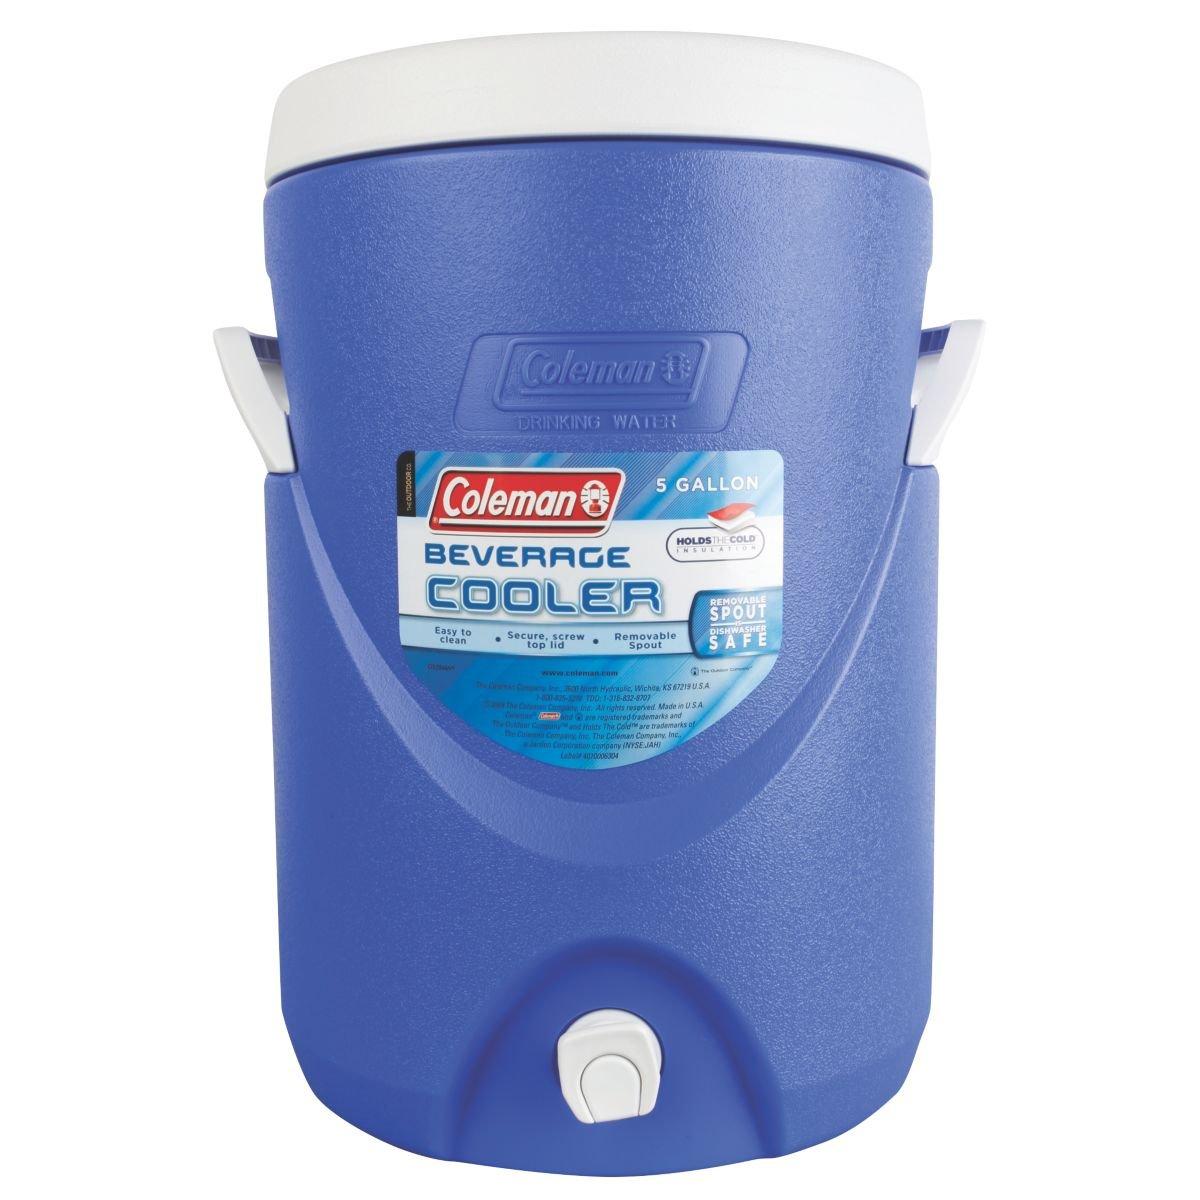 water cooler coleman 5 gallon beverage cold jug drink dispenser camping game new 691163401423 ebay. Black Bedroom Furniture Sets. Home Design Ideas